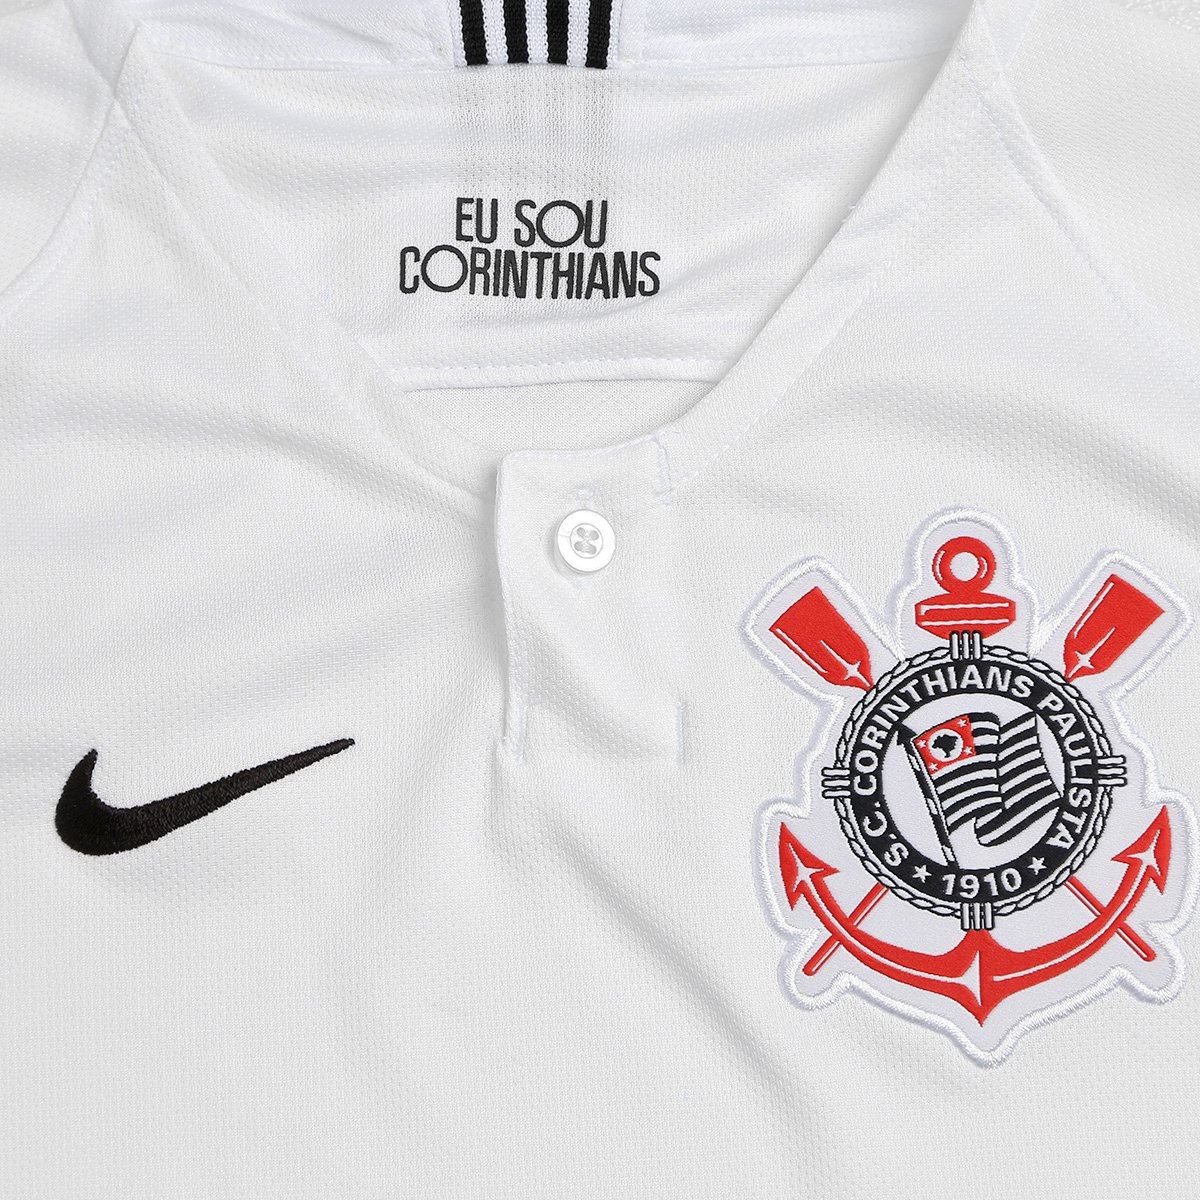 db5e67820b ... d564187a569 Camisa Corinthians Juvenil I 18 19 s n° - Torcedor Nike -  Compre .. 5fc885688e5 Jaqueta ...